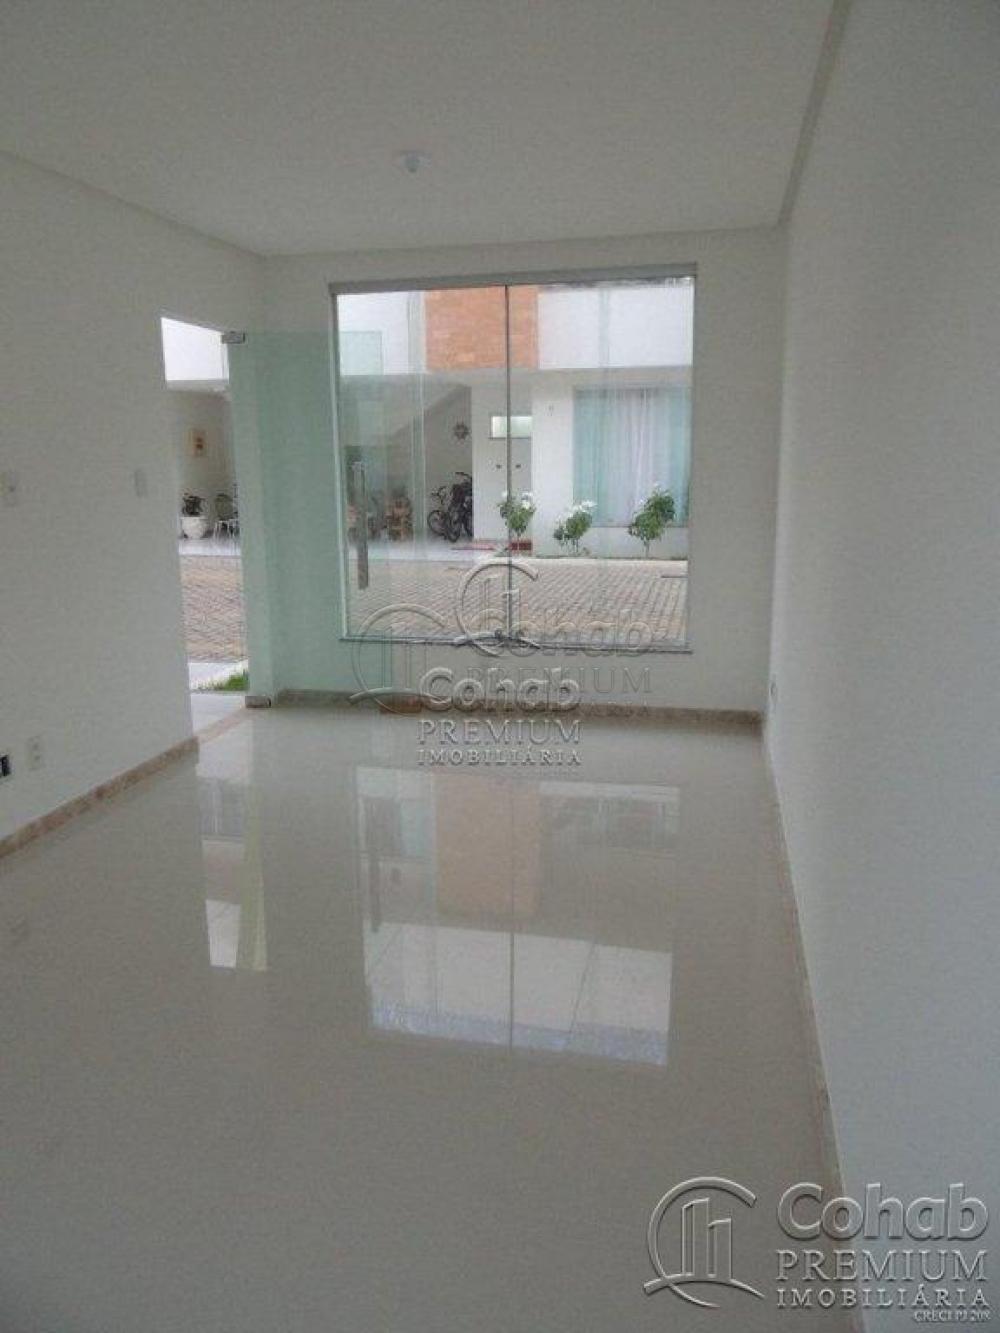 Comprar Casa / Condomínio em Aracaju apenas R$ 320.000,00 - Foto 12